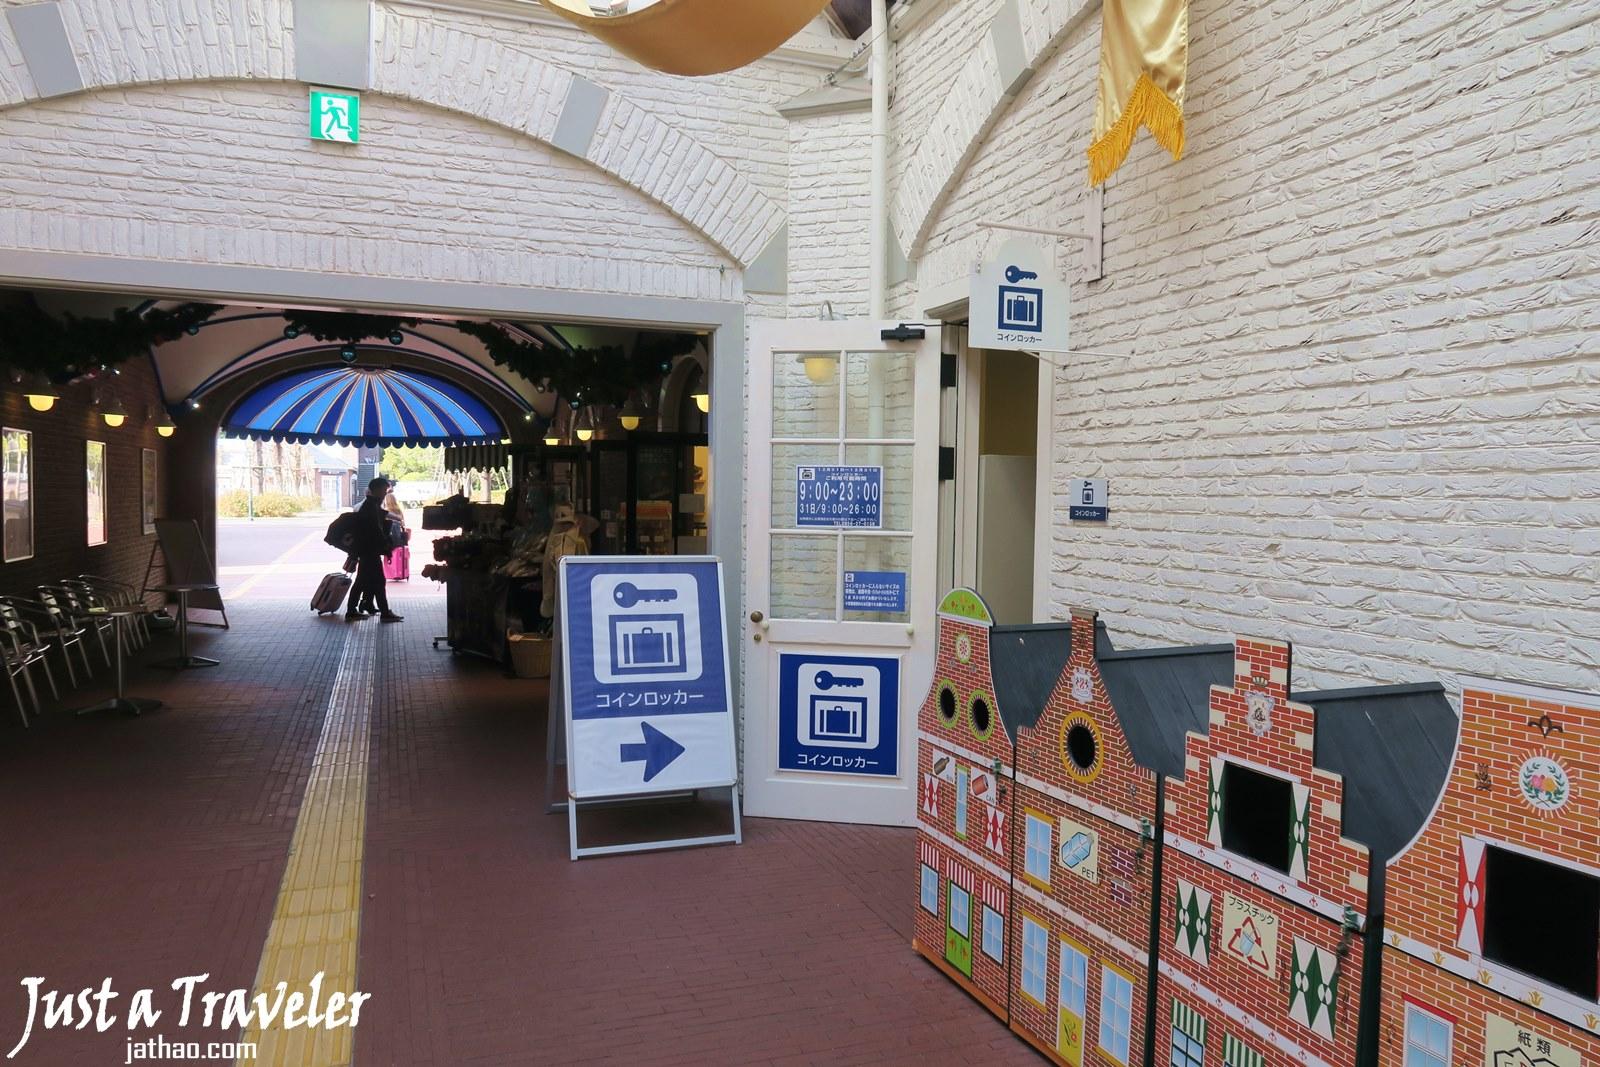 九州-長崎-景點-推薦-豪斯登堡-豪斯登堡門票-豪斯登堡行程-豪斯登堡攻略-豪斯登堡一日遊-旅遊-自由行-Kyushu-Huis Ten Bosch-Travel-Japan